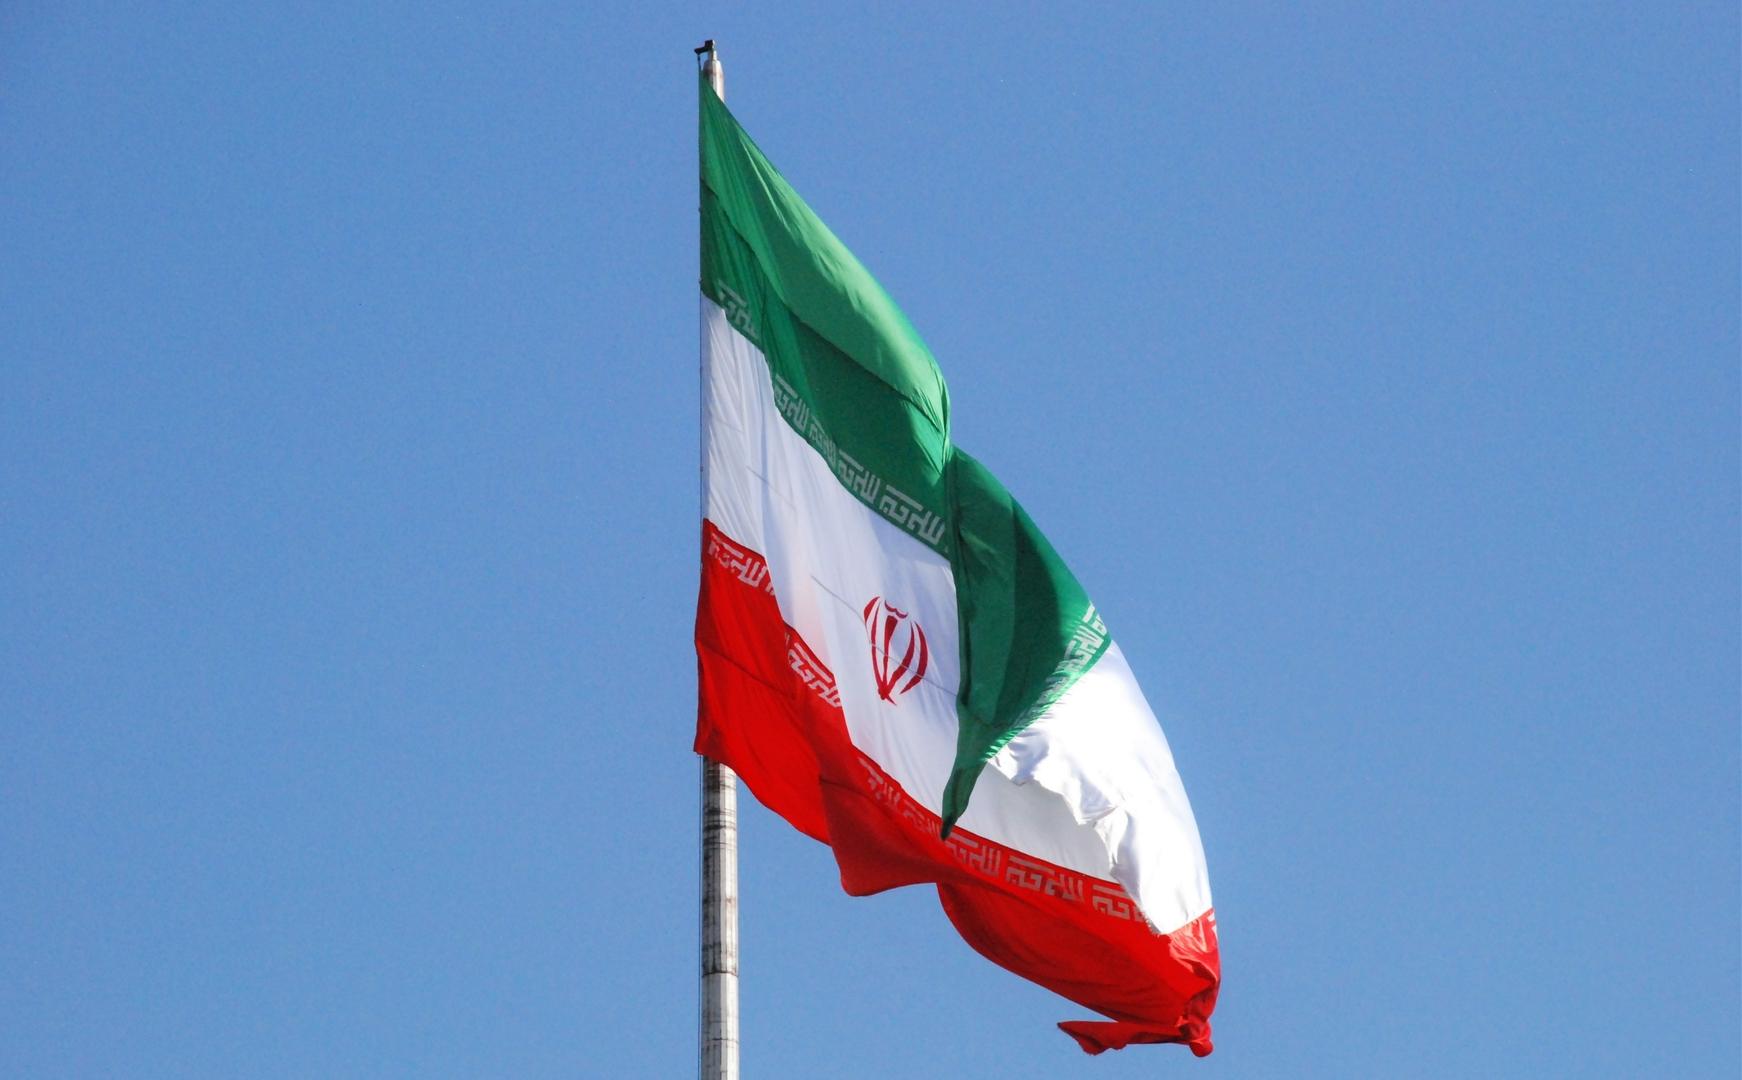 طهران:  بانضمام إيران إلى منظمة شنغهاي اكتملت أضلاع مربع القوة في الشرق